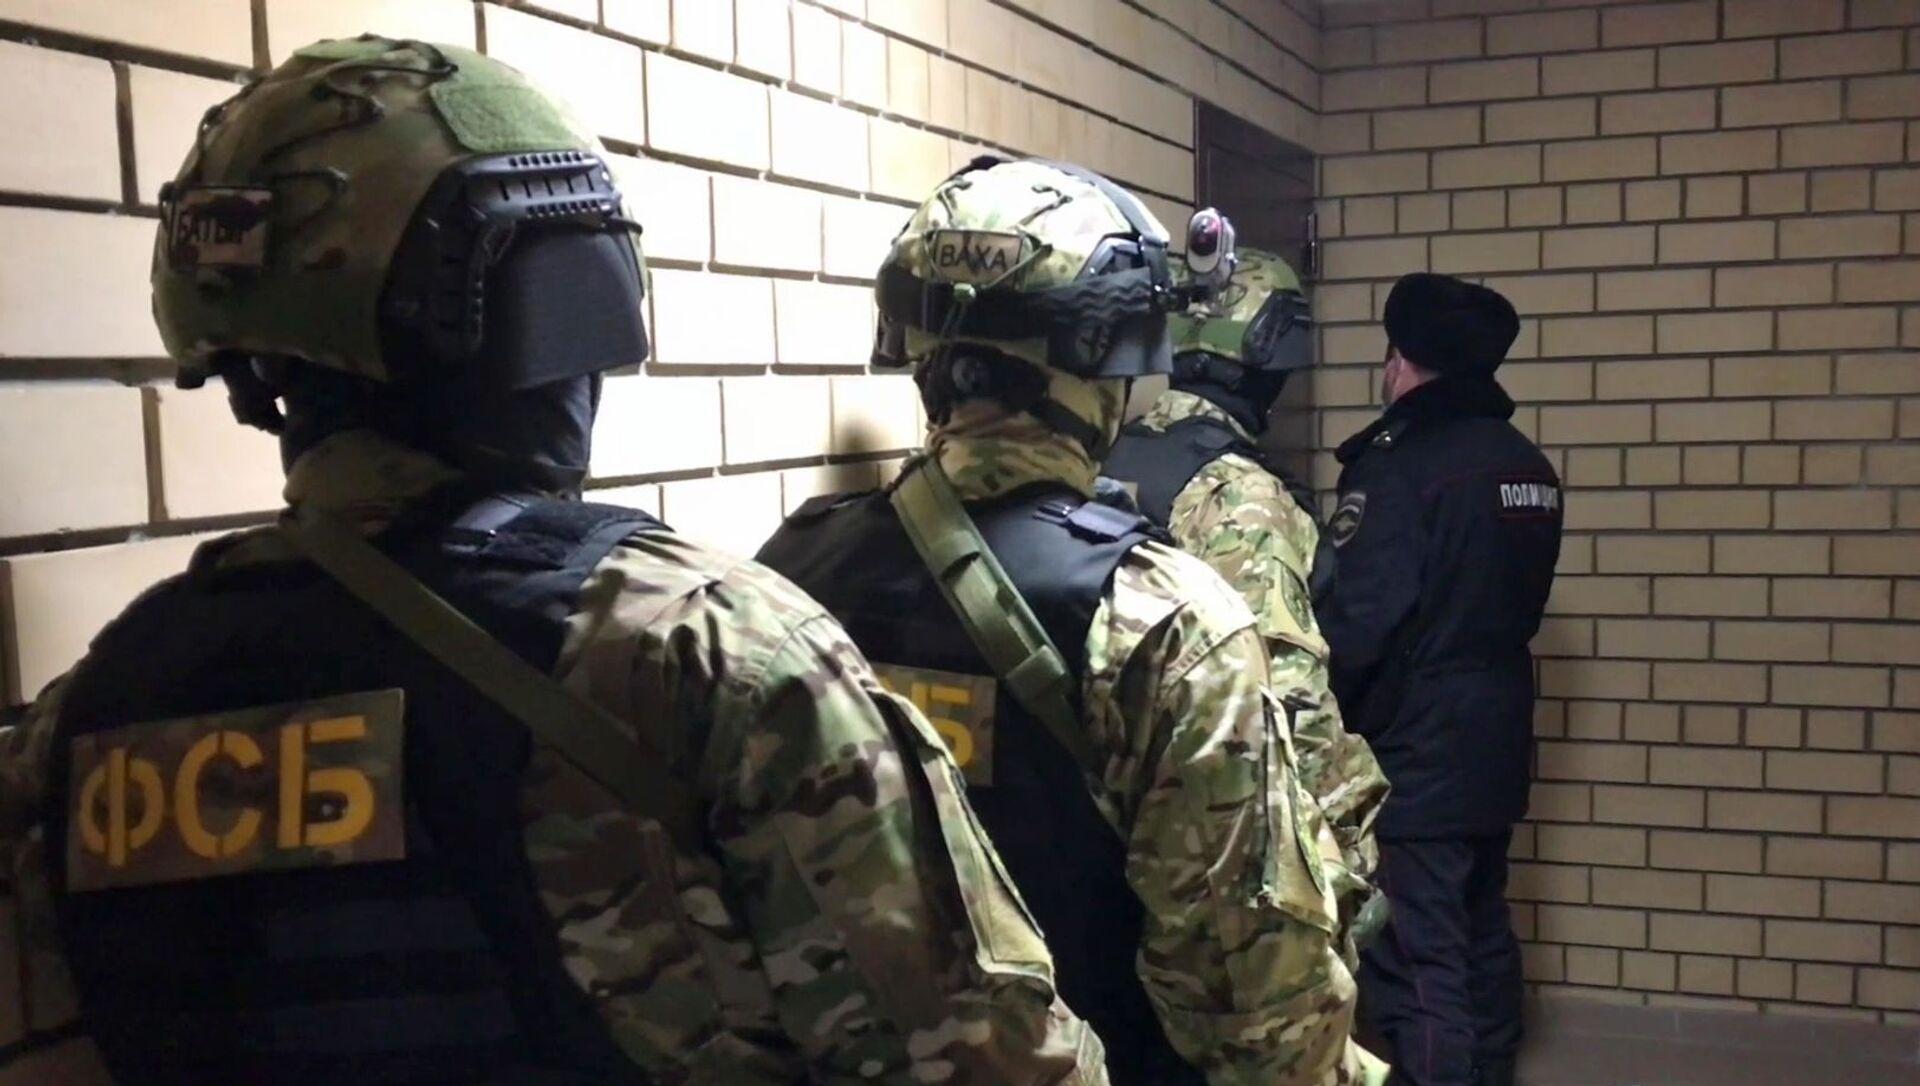 ФСБ РФ пресекла деятельность группы граждан по финансированию террористов - Sputnik Аҧсны, 1920, 16.02.2021